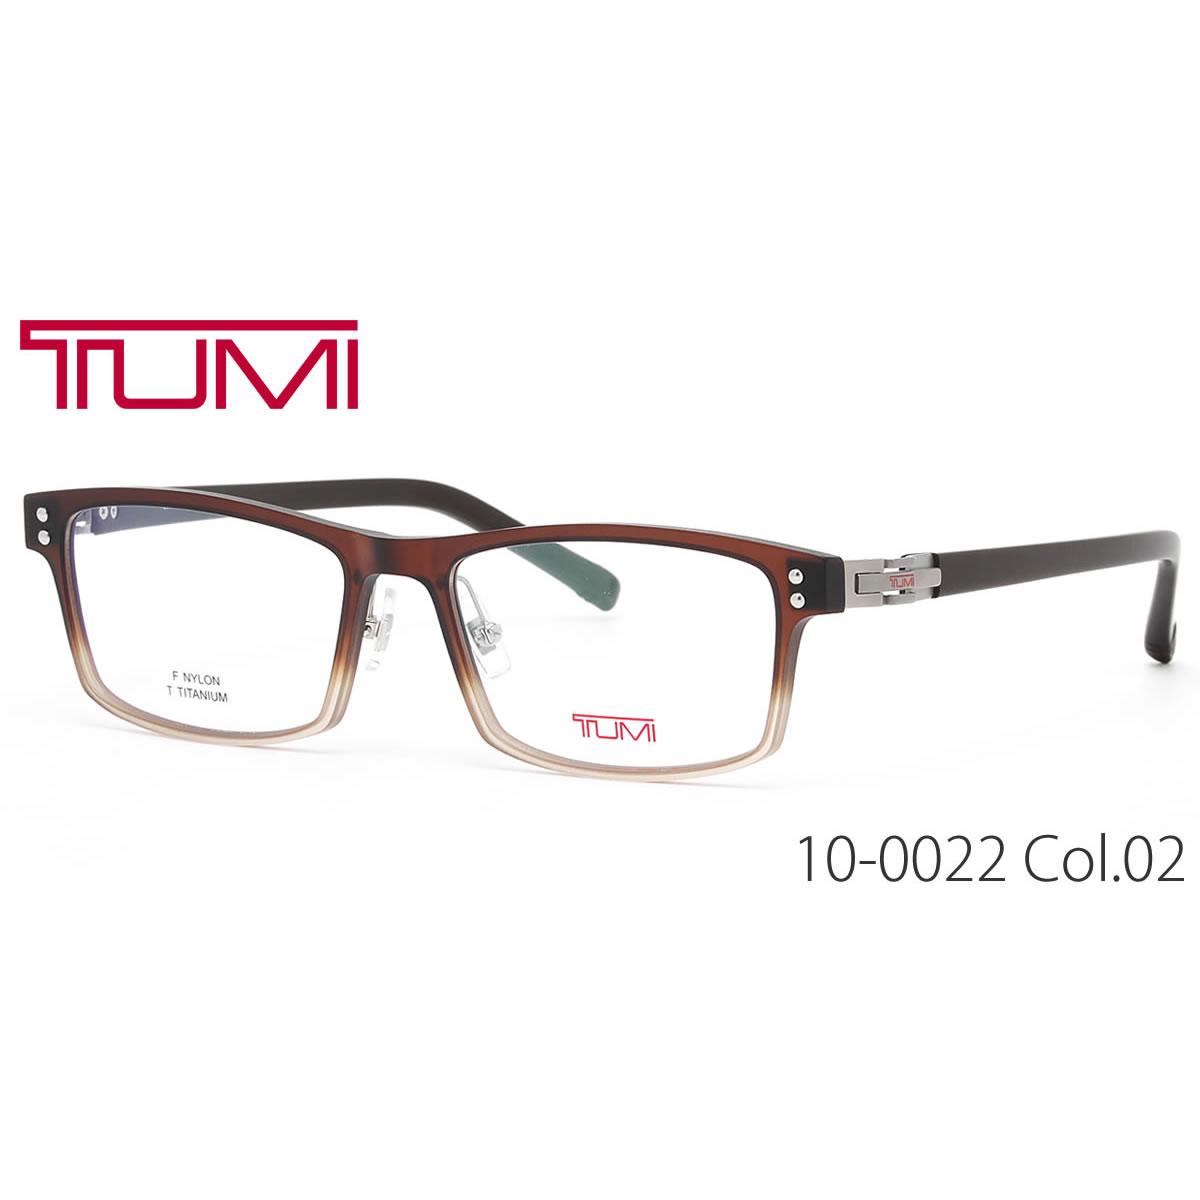 トゥミ メガネ 10-0022 02 54サイズ TUMI ビジネスバッグで人気のブランド メンズ